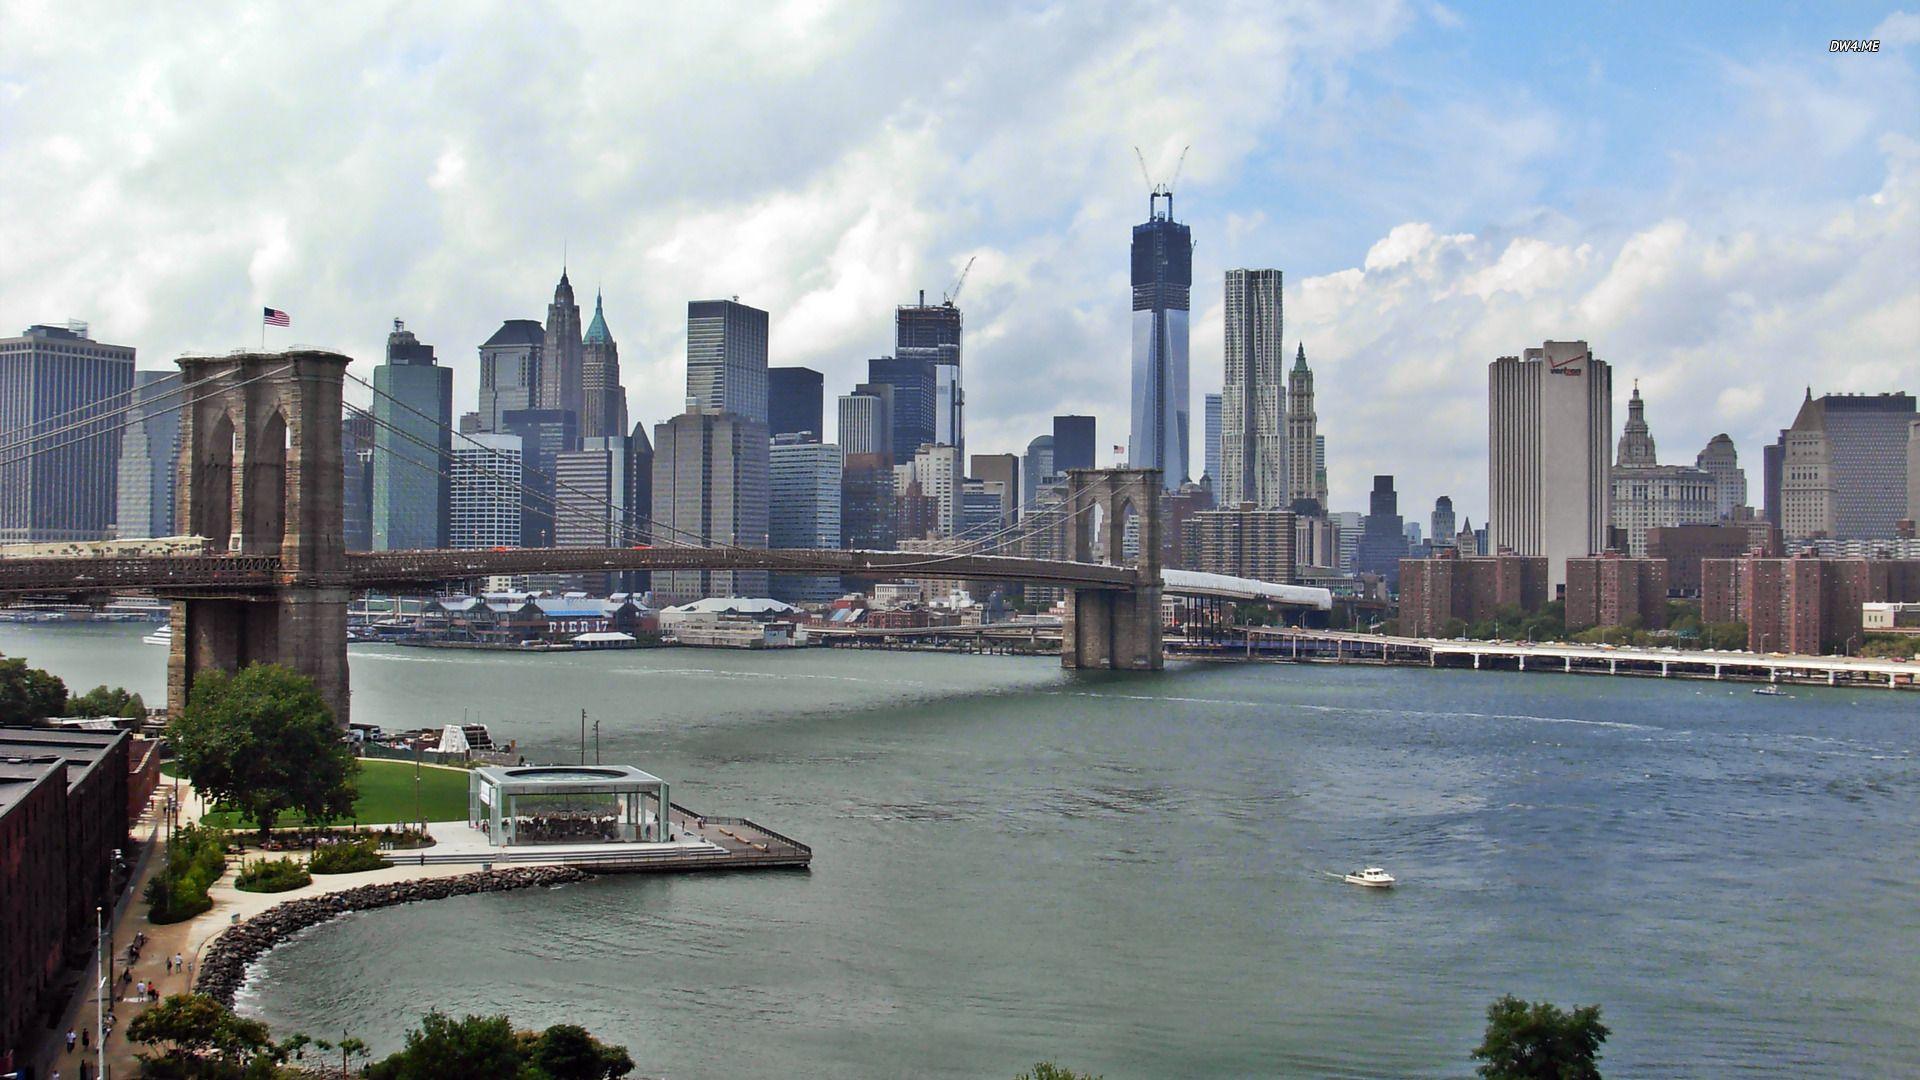 Brooklyn Bridge Wallpaper 3d - Google претрага